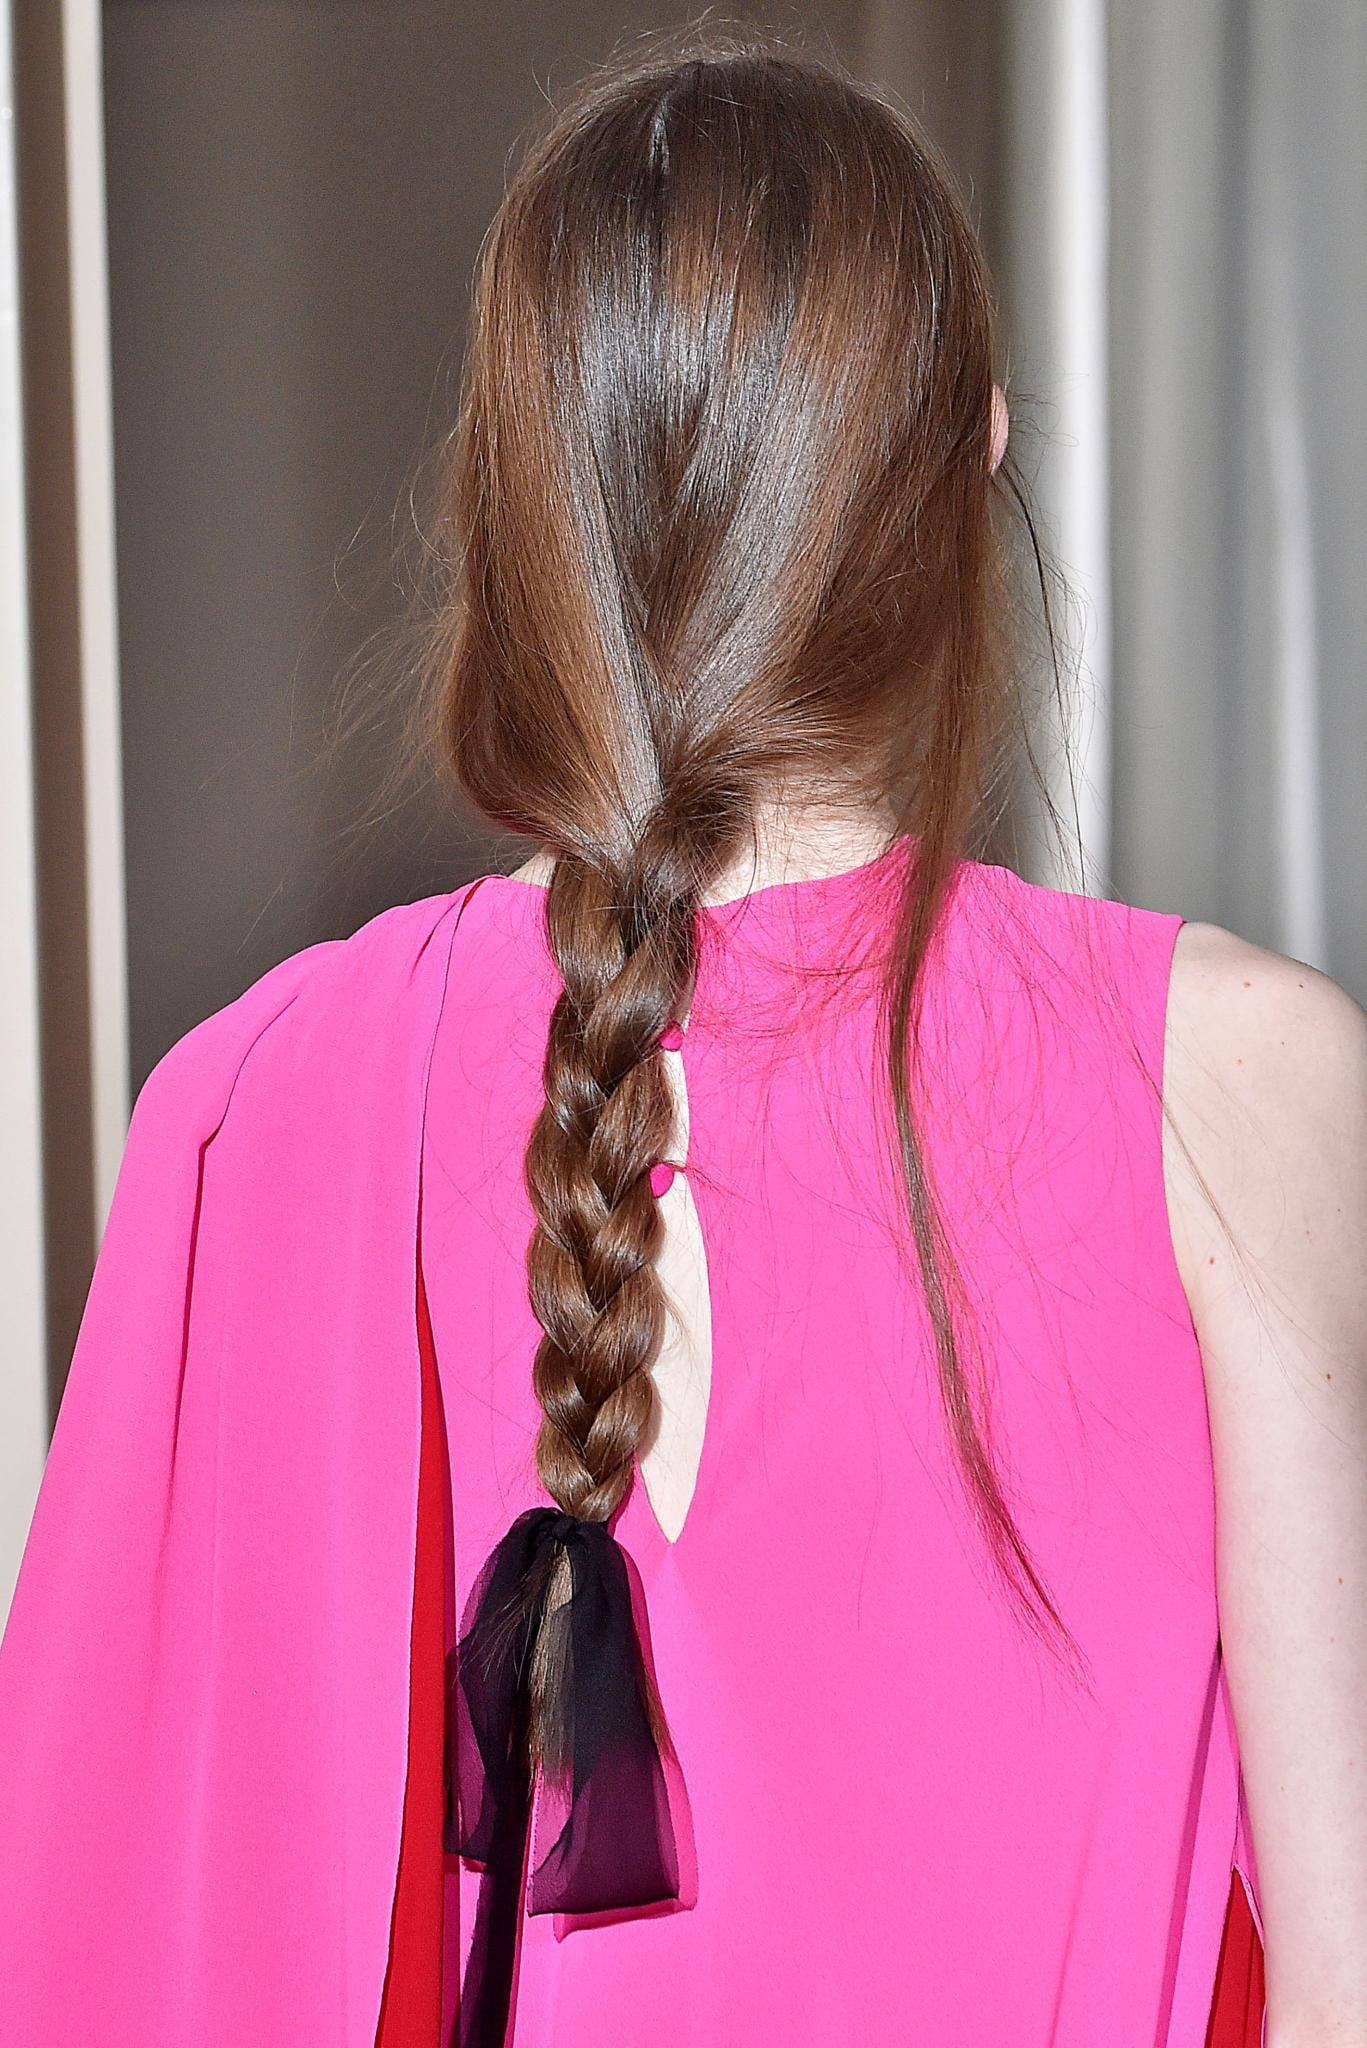 pelo largo castaño trenza suelta despeinada moño cinta accesorio